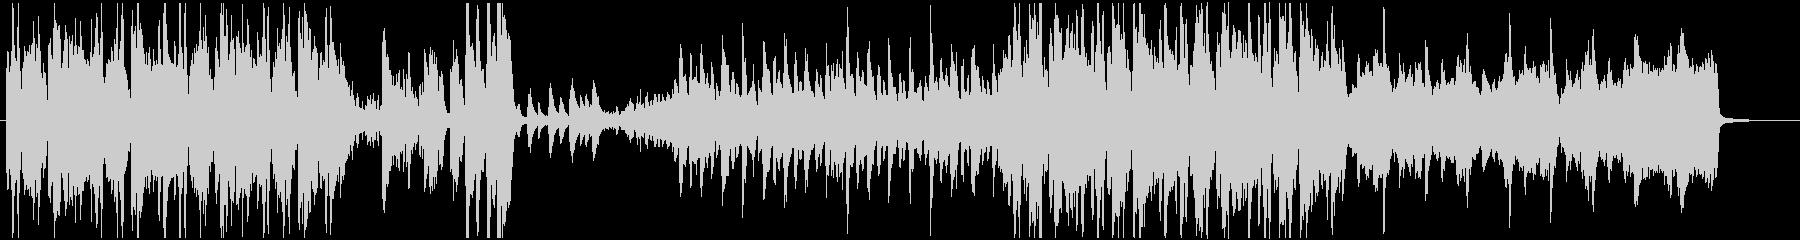 工業/アコースティック/ピアノの未再生の波形